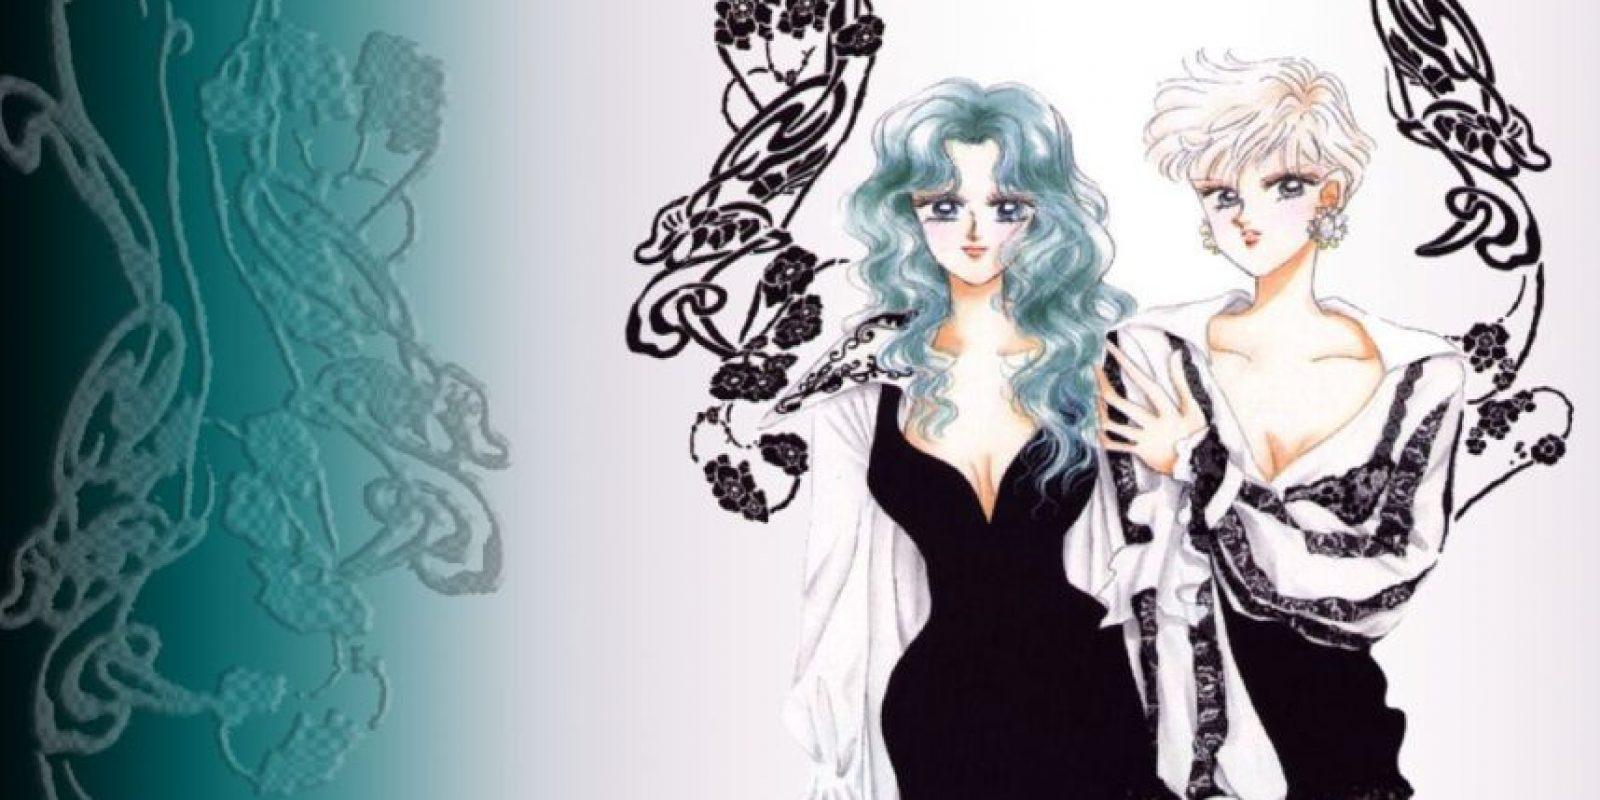 """Haruka nunca representó algo """"masculino"""" como tal en la relación que tiene con Michiru. De hecho, en el artwork de Naoko Takeuchi aparece vestida de mujer y en el manga a veces también. Haruka representa a la mujer moderna japonesa (de ahí su atuendo y peinado) y Michiru es la mujer tradicional y femenina. Por eso siempre están unidas. Foto:Toei"""